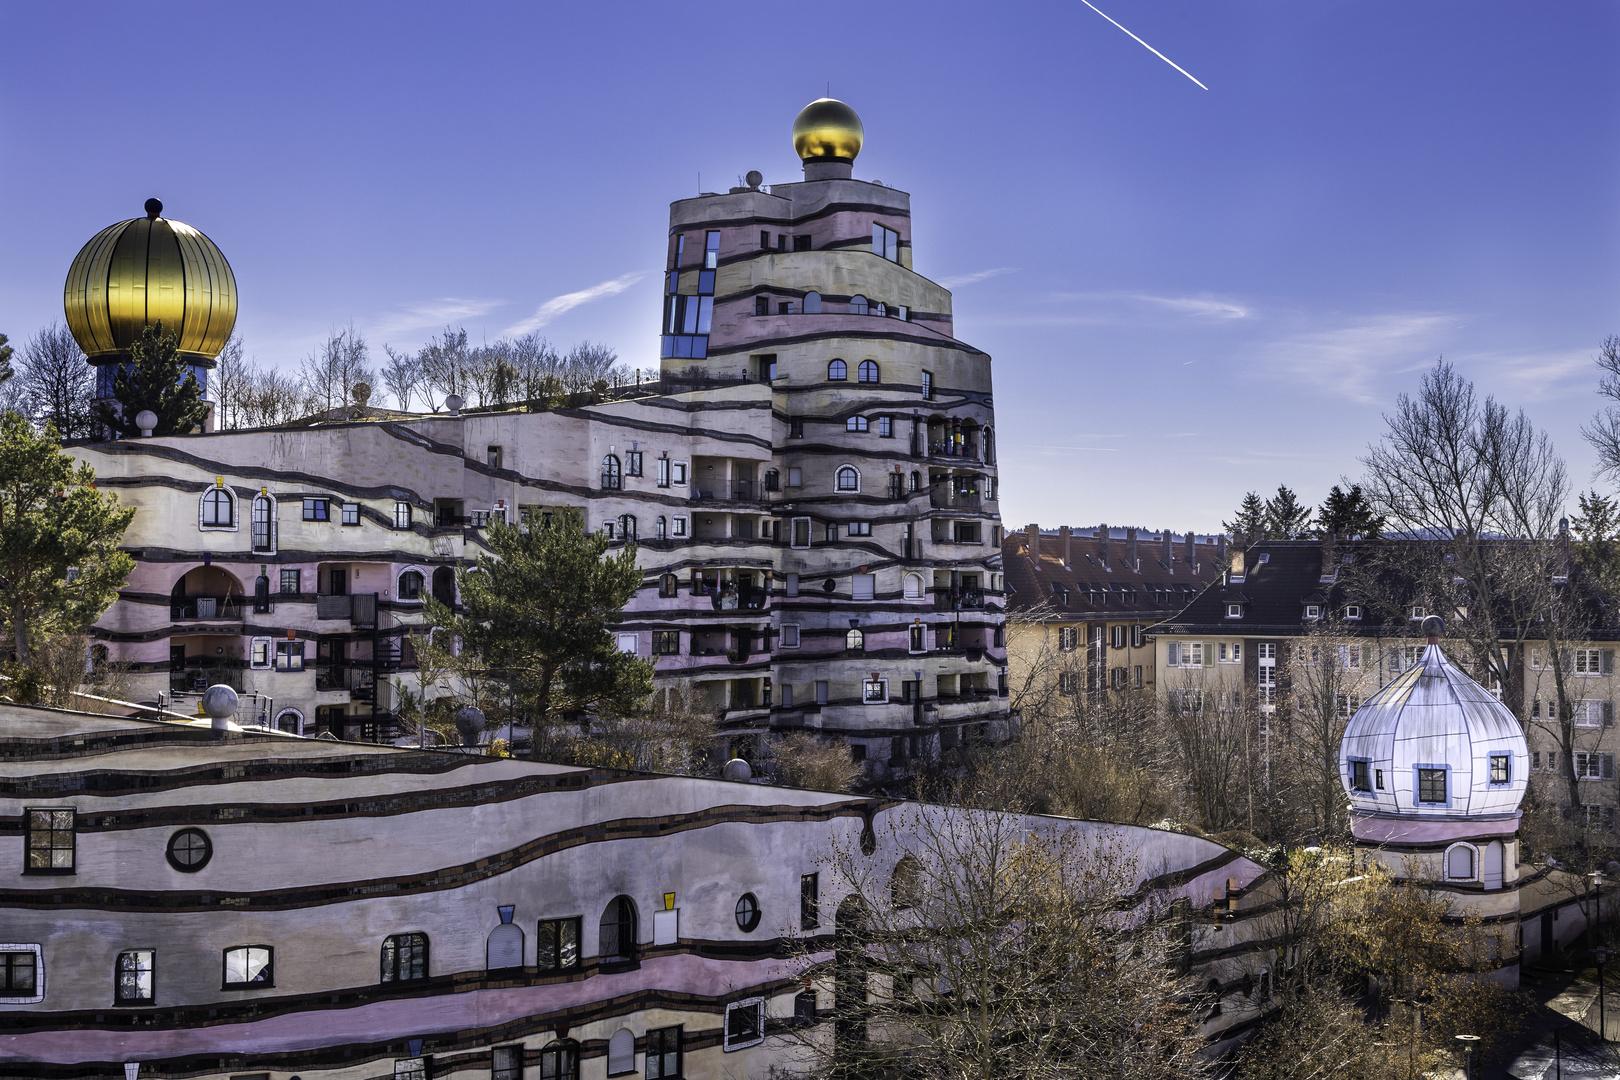 Hundertwasserhaus Darmstadt Foto & Bild   architektur ...